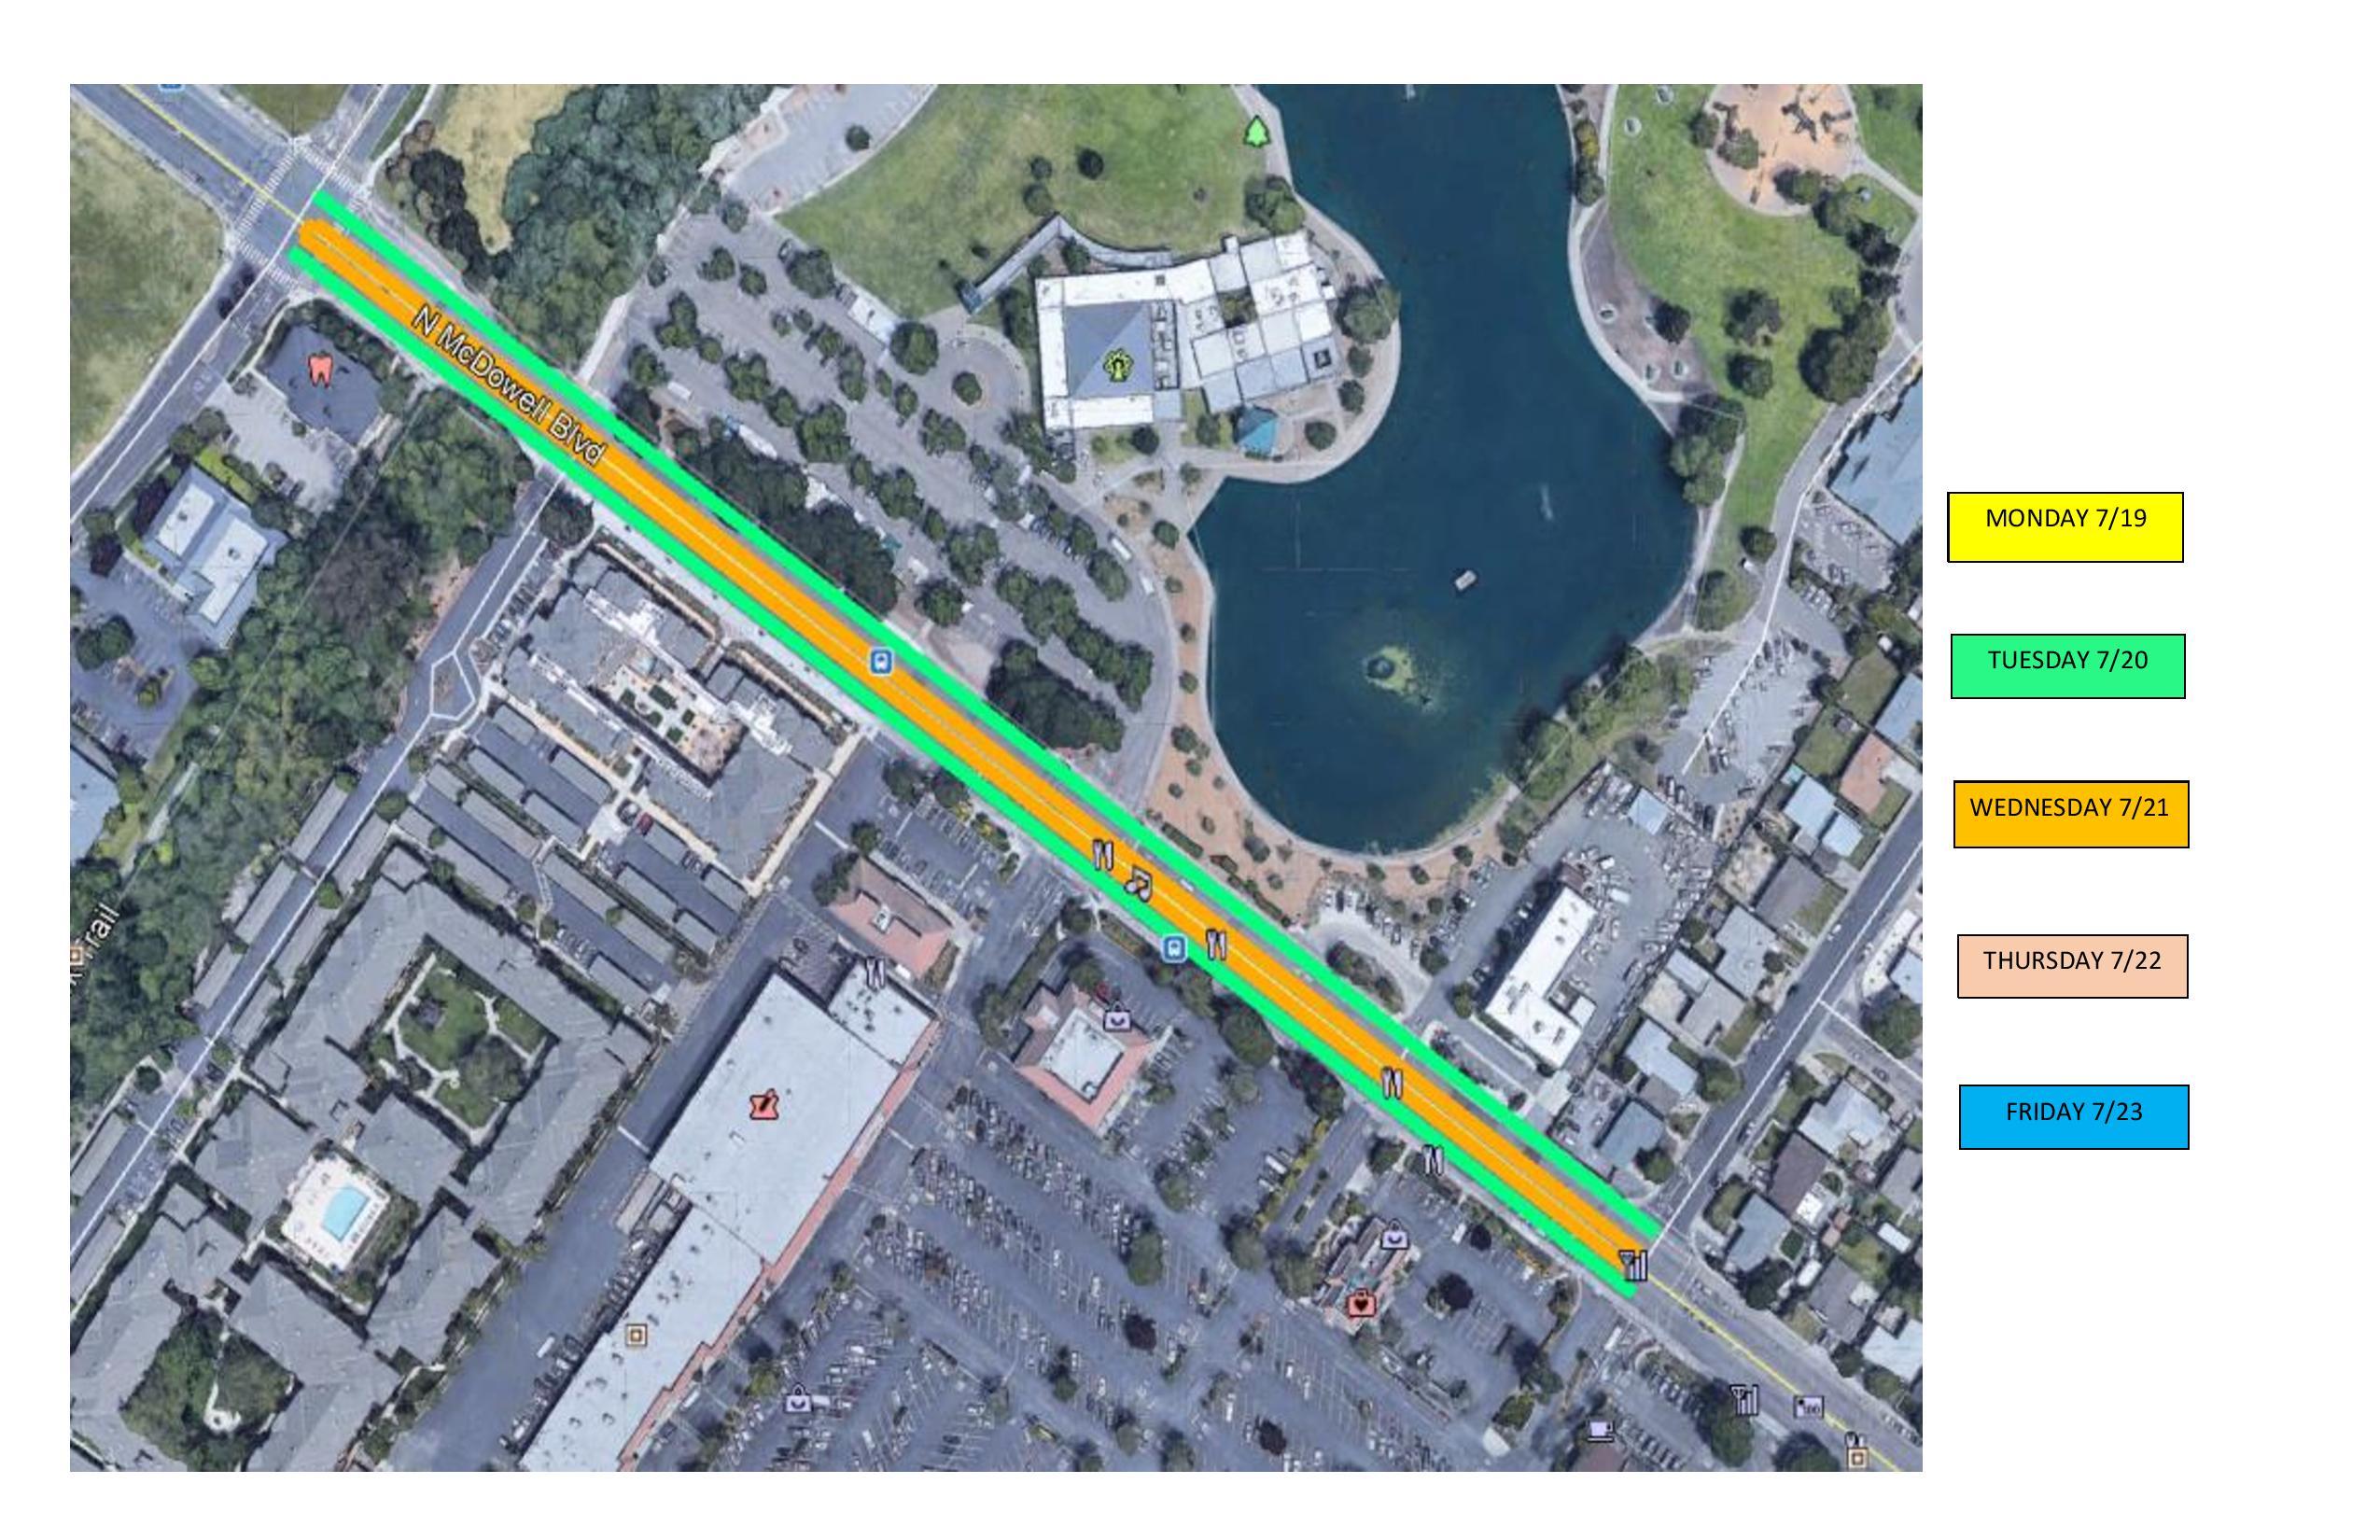 Pavement Map 1 7_19 thru 7_23-page-001